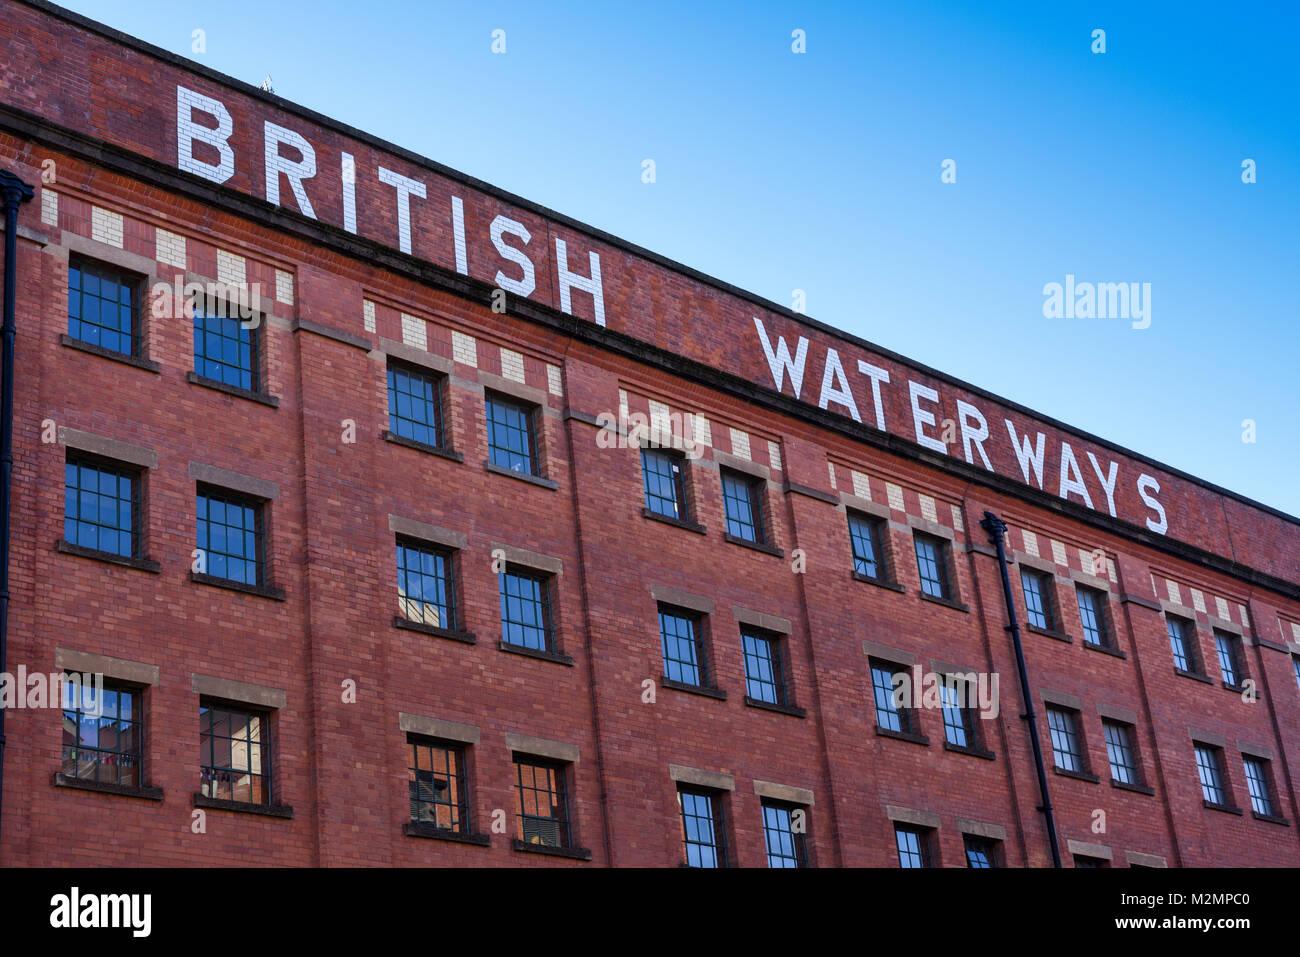 British Waterways in Nottingham,UK. - Stock Image